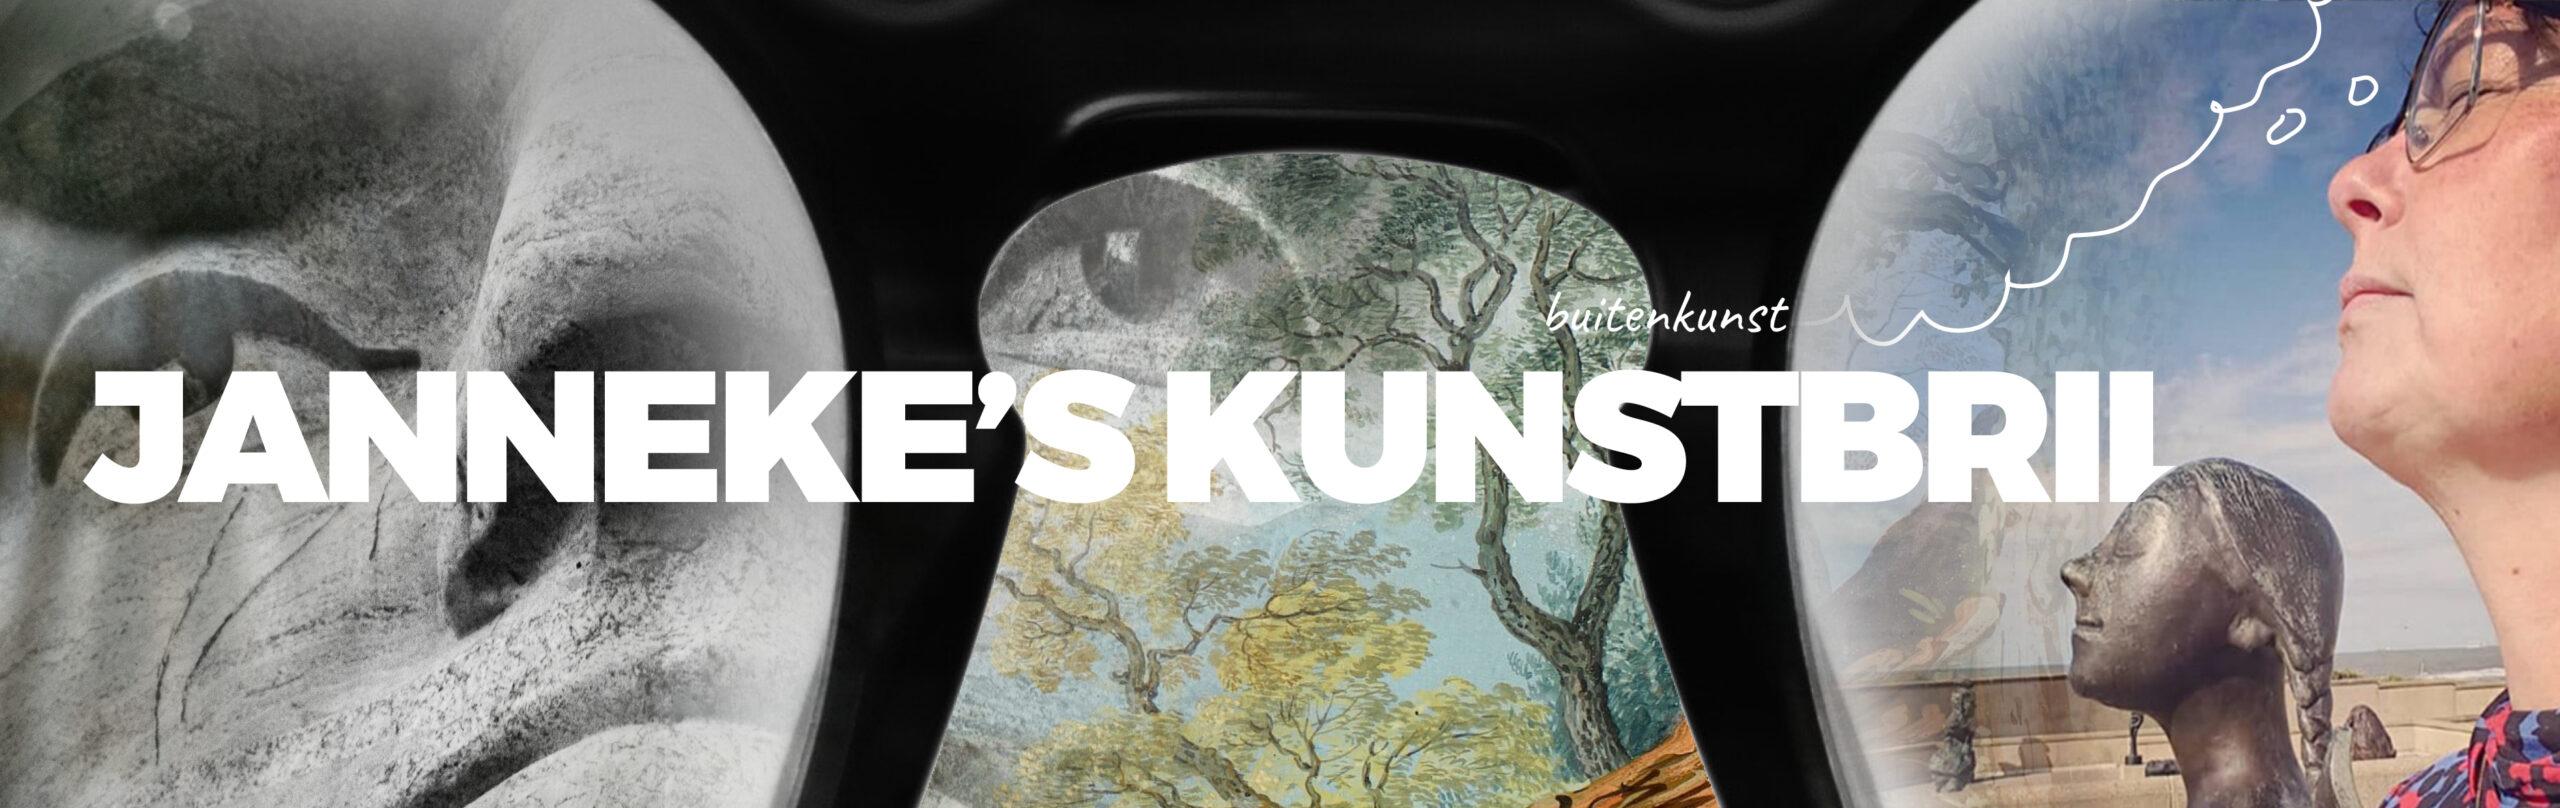 MijnKerk_janneke-Kunstbril